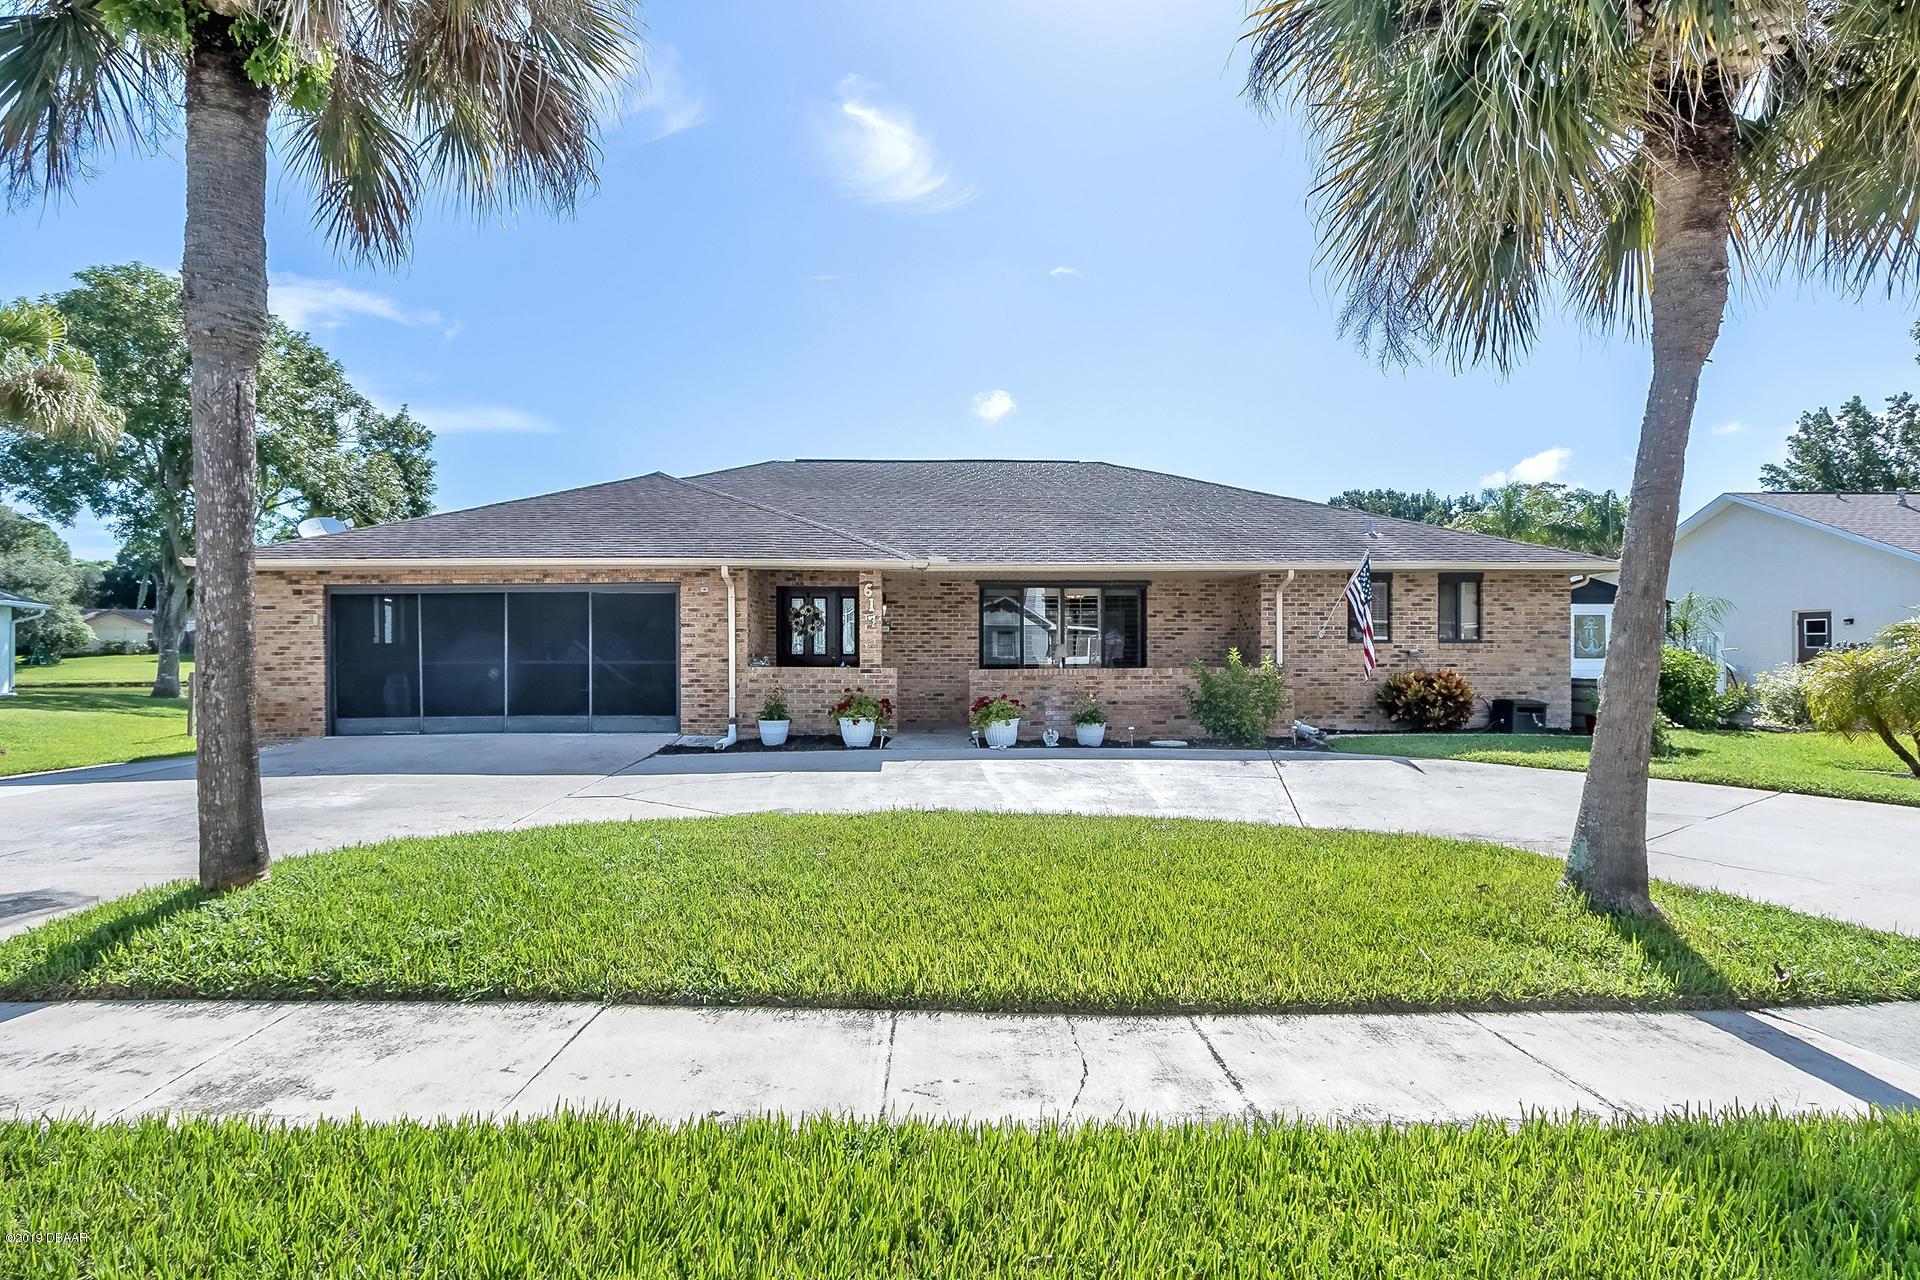 617 Ipswich Lane, Ponce Inlet, Florida